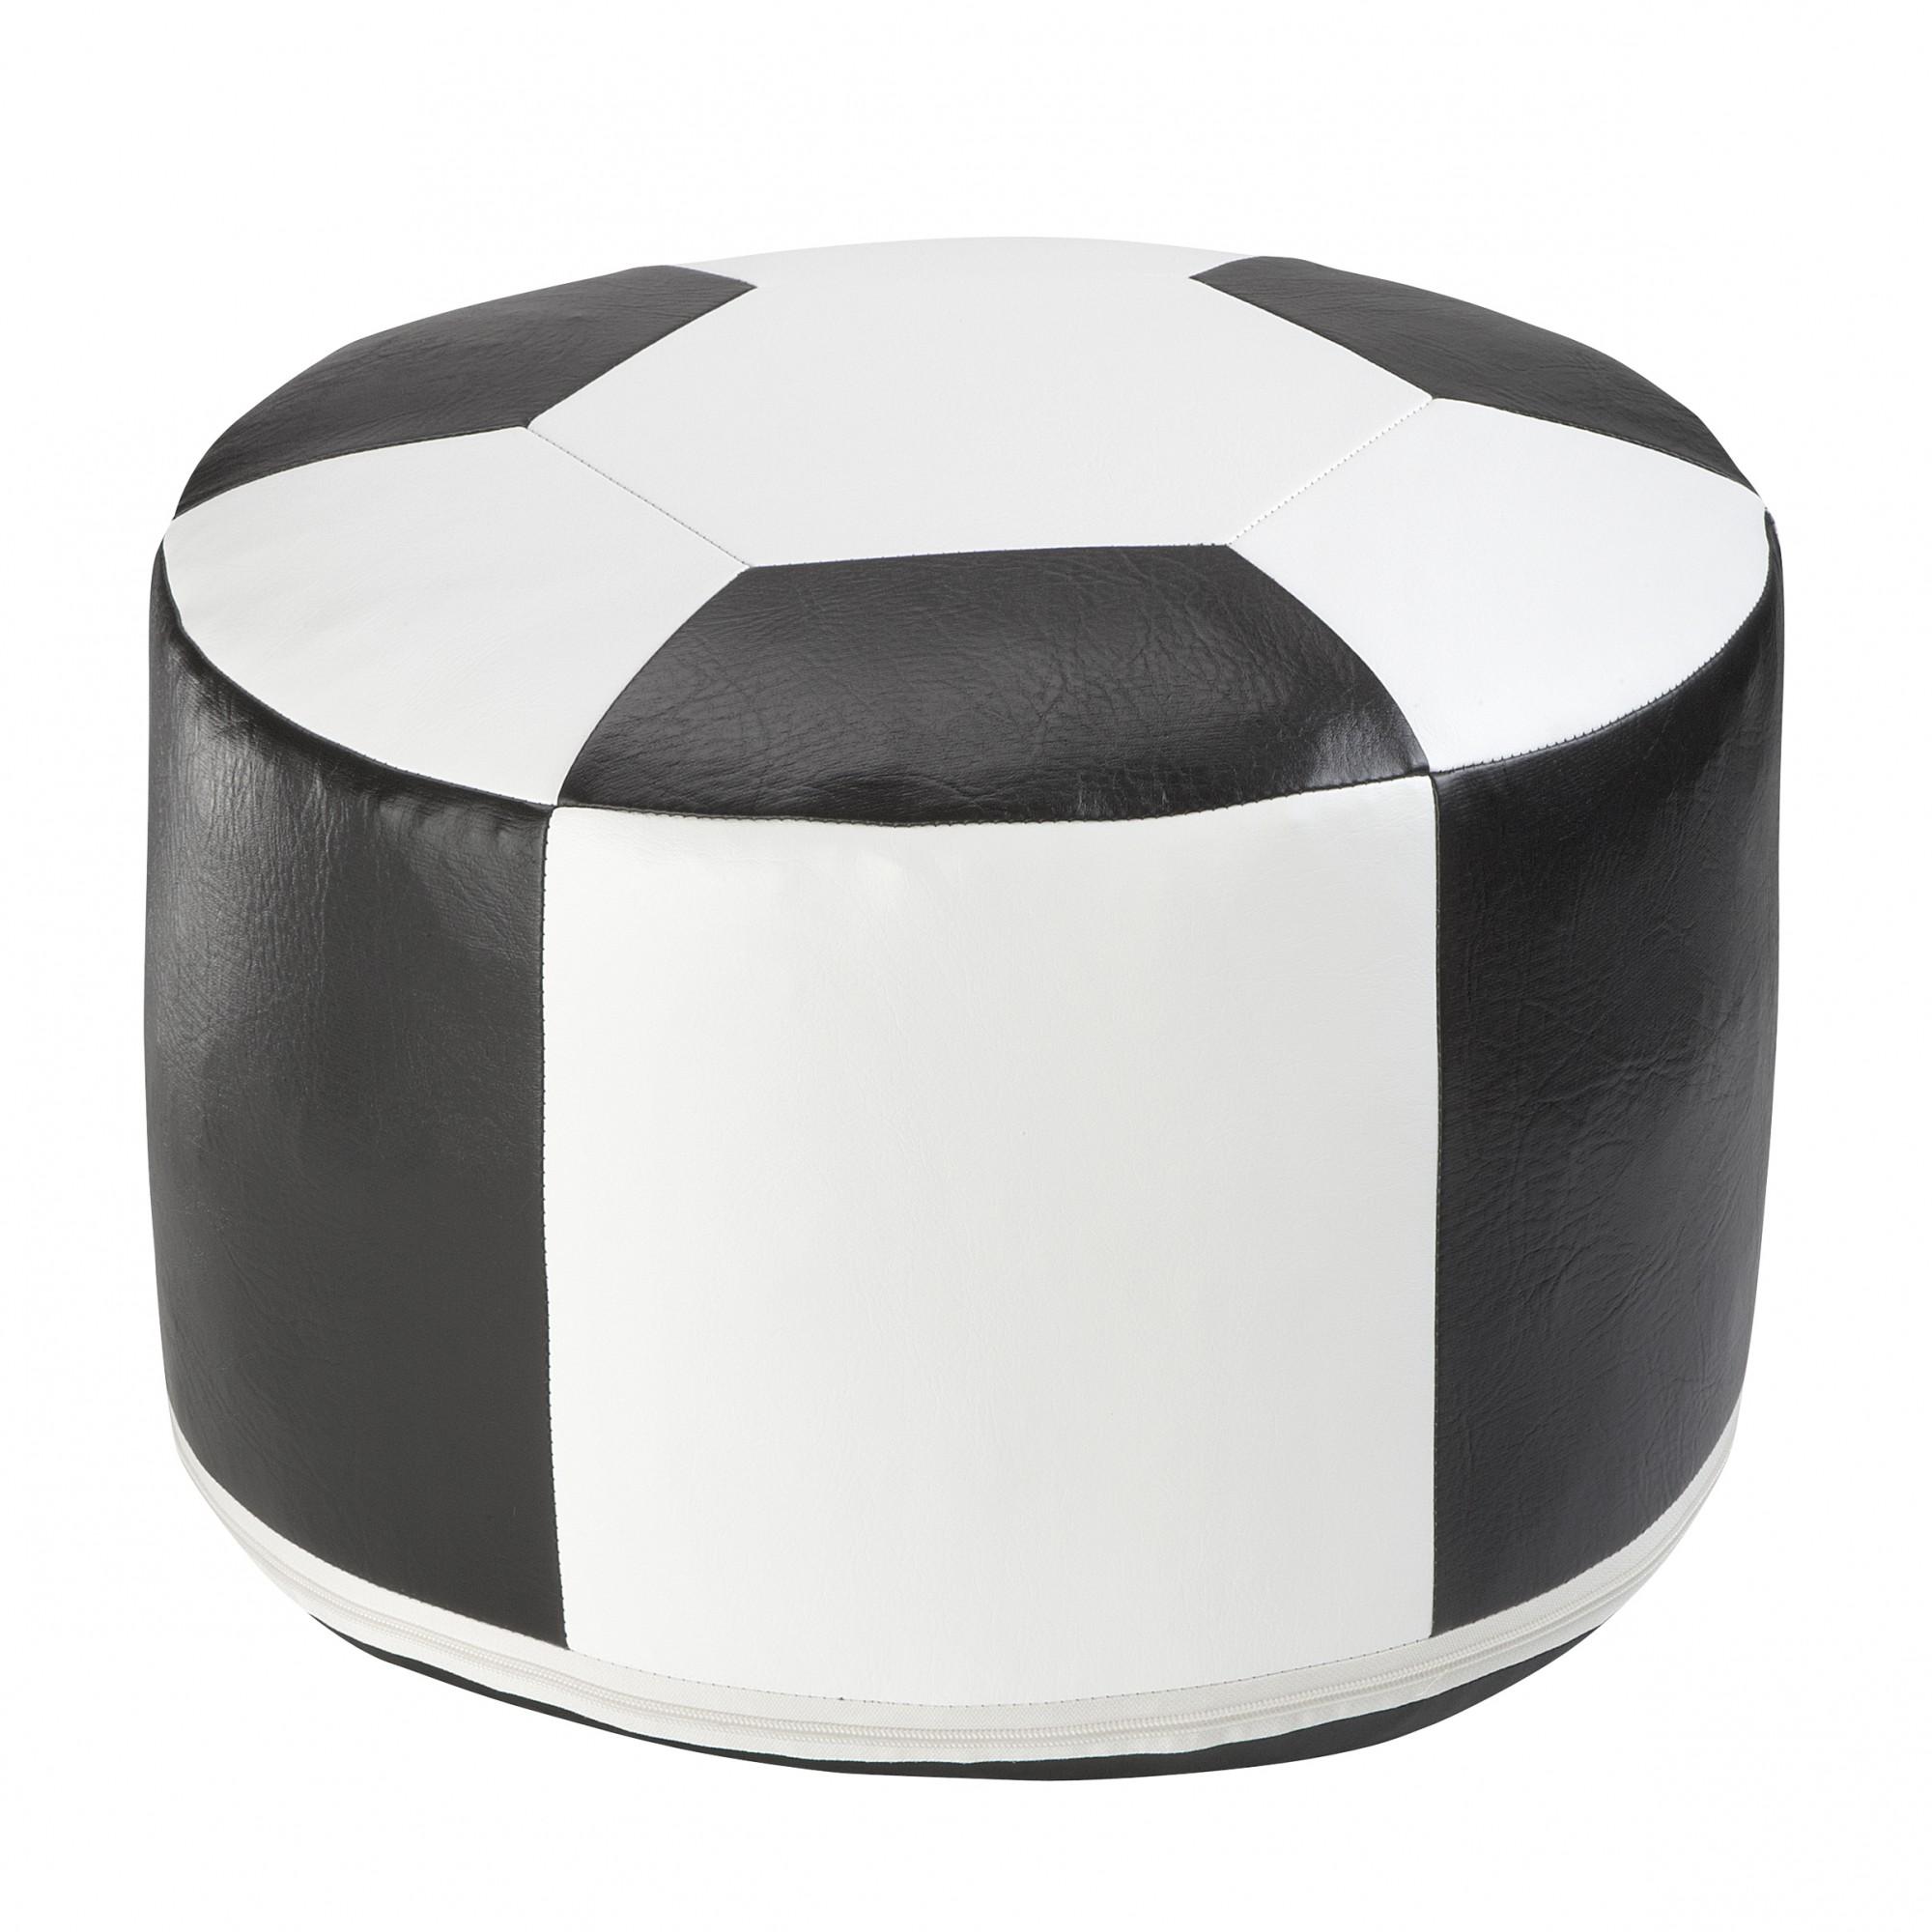 fu ball sitzkissen kunstleder weiss schwarz 6300301 50 34 cm. Black Bedroom Furniture Sets. Home Design Ideas